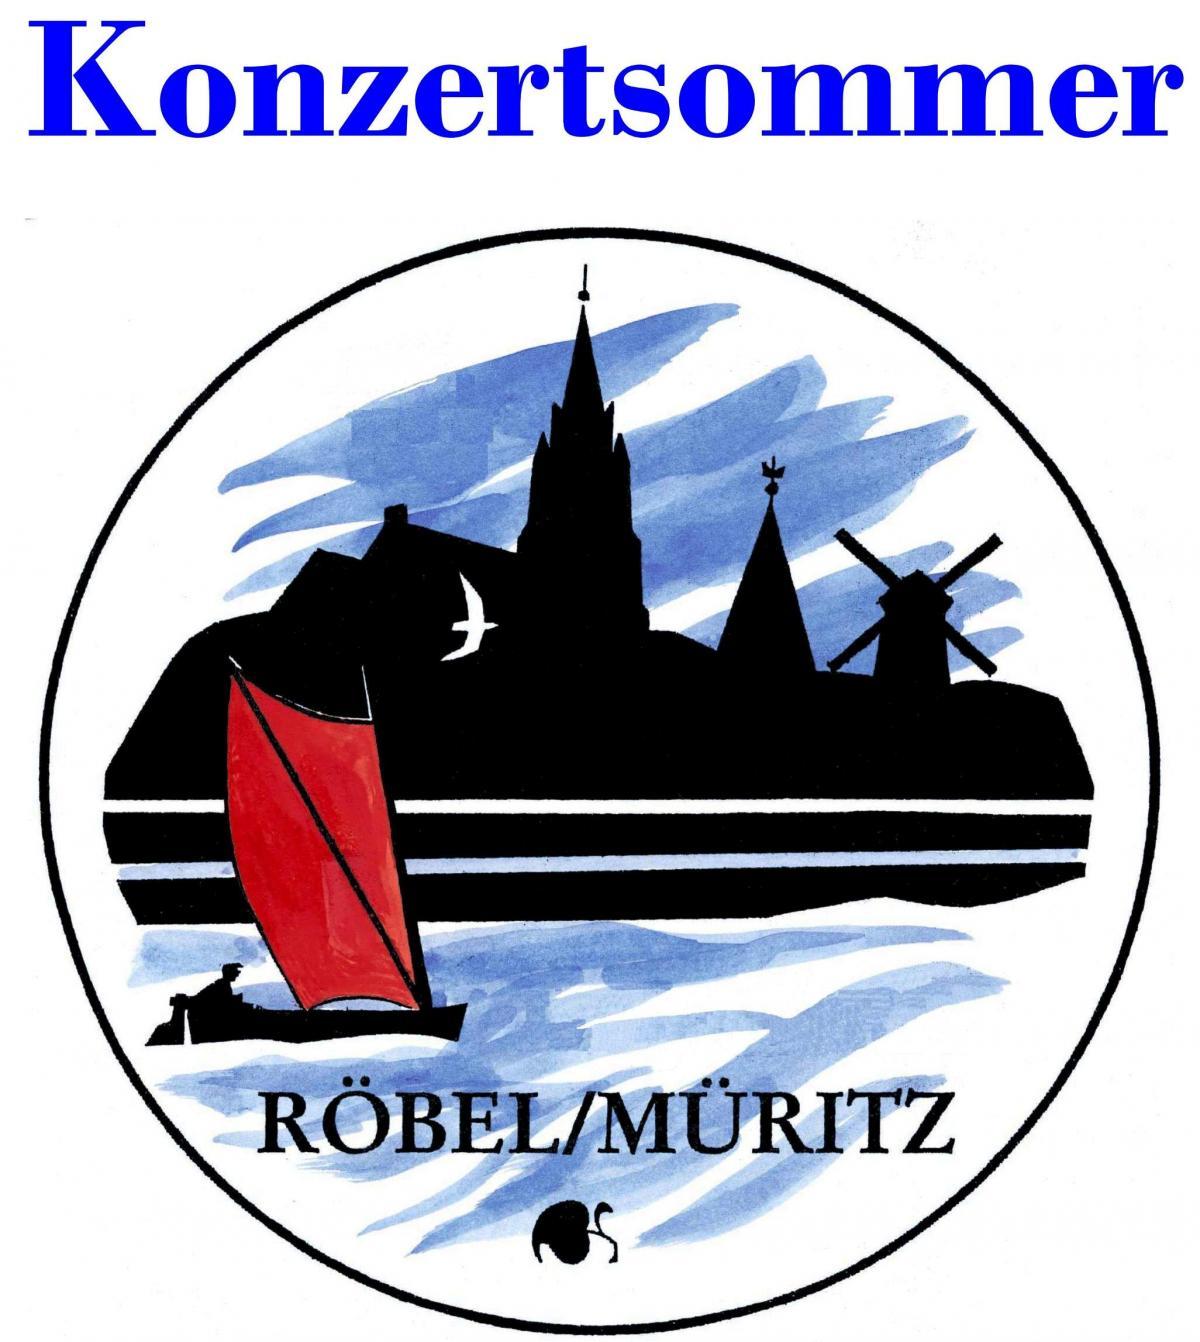 logo-konzertsommer_2